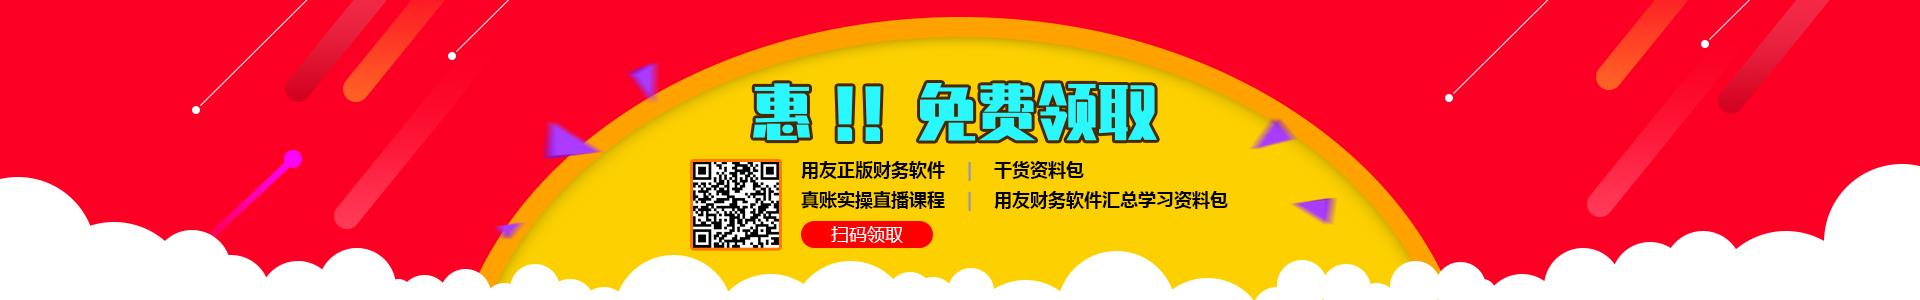 广州会计培训班